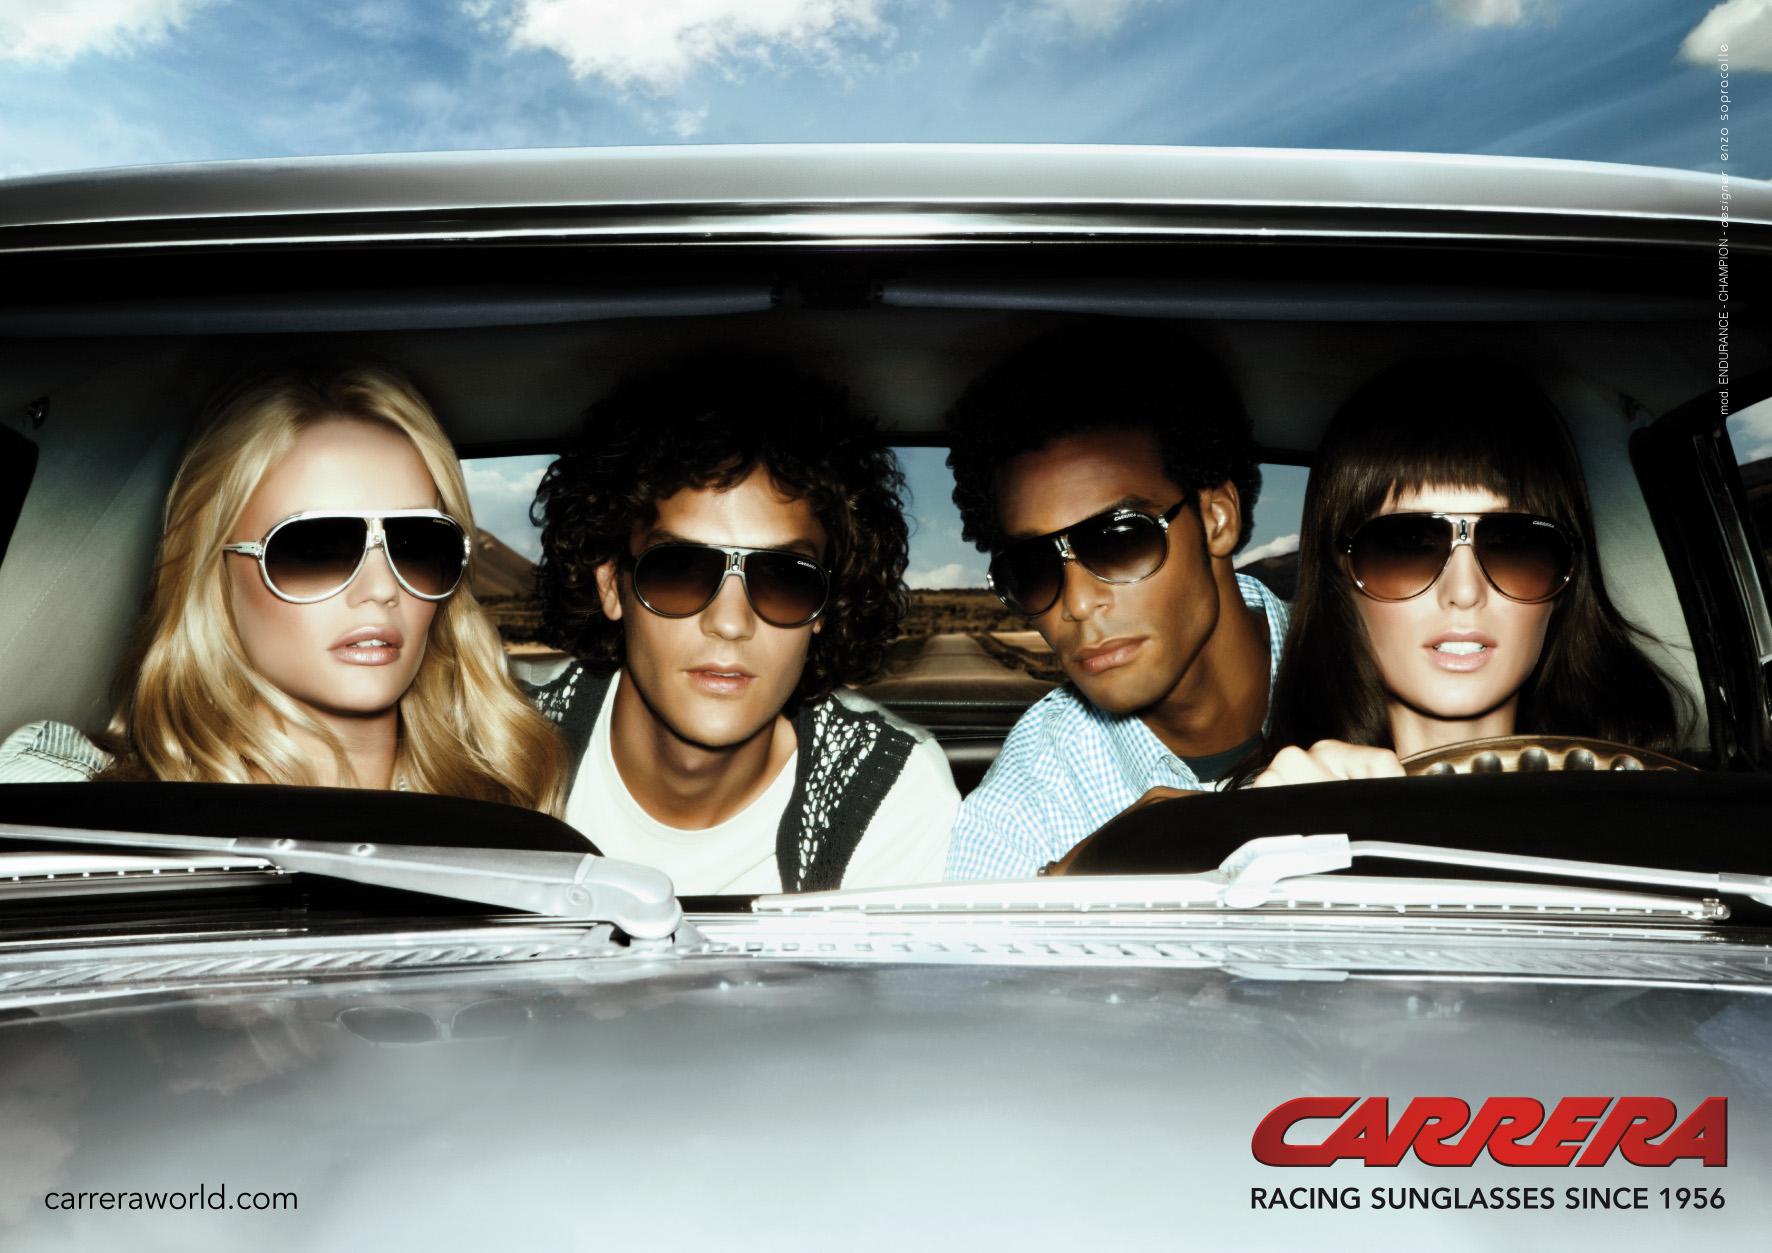 Carrera napszemüvegek